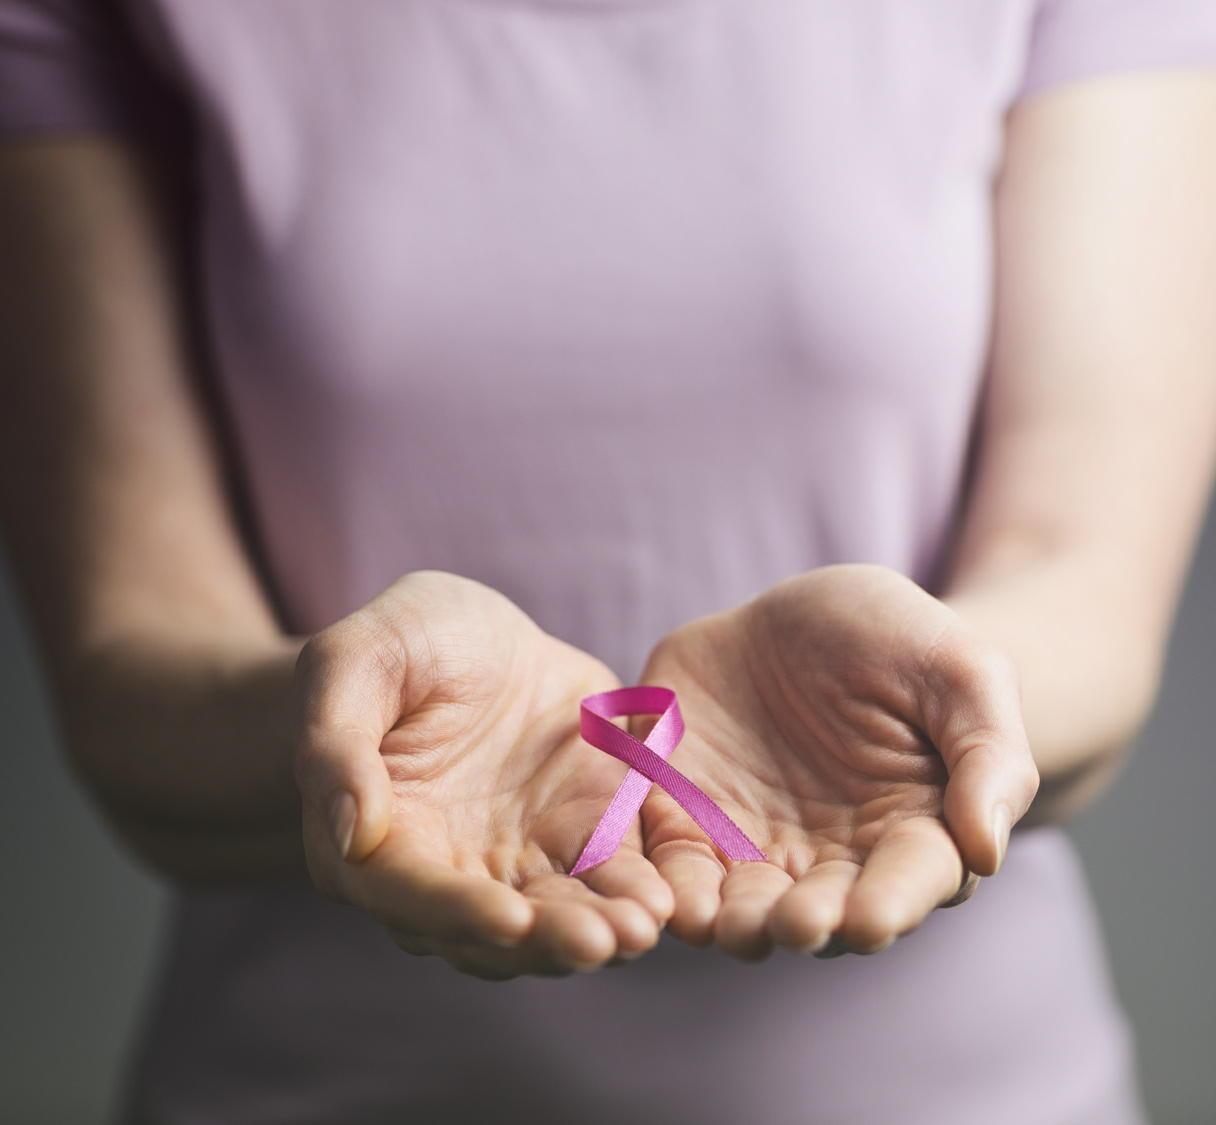 乳がんの「転移」を人工知能(AI)が99%の精度で検出 米グーグルが開発